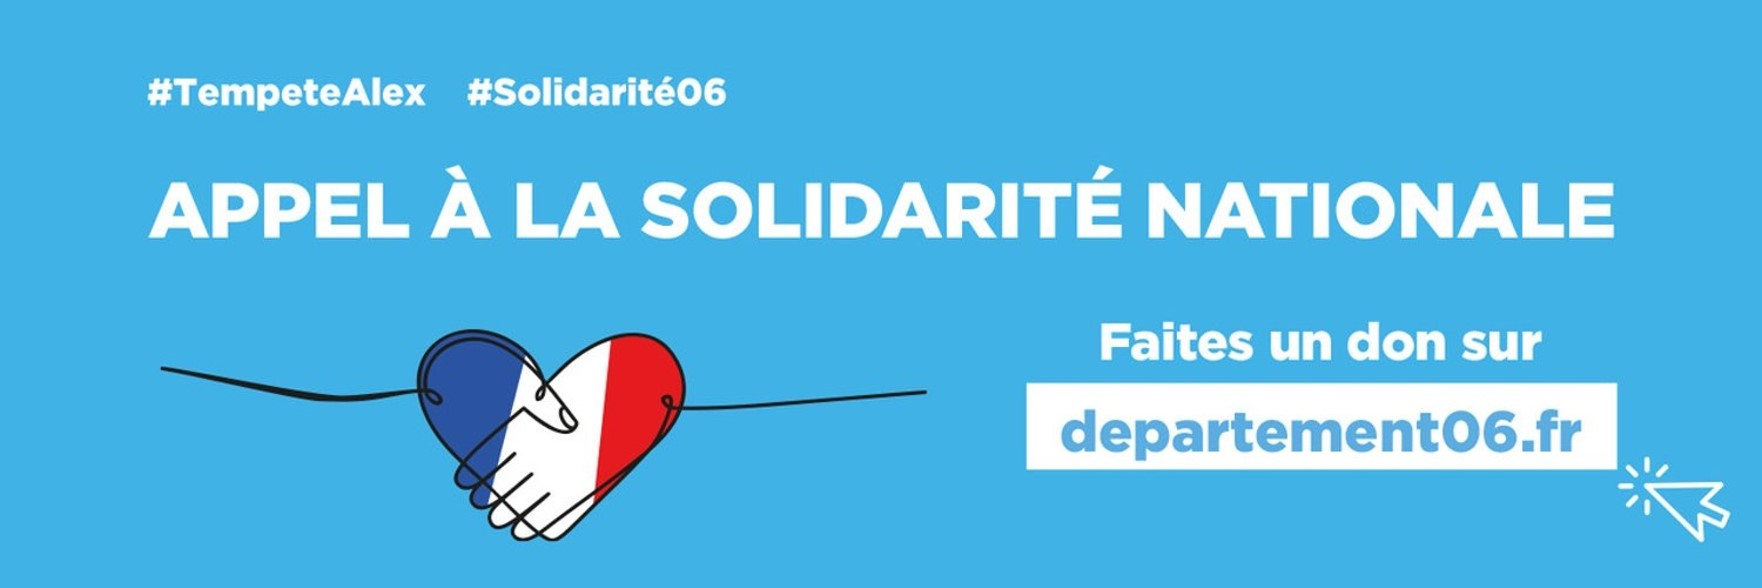 Tempête Alex : L'Assemblée des Départements de France soutient  l'appel à la solidarité nationale pour les Alpes-Maritimes